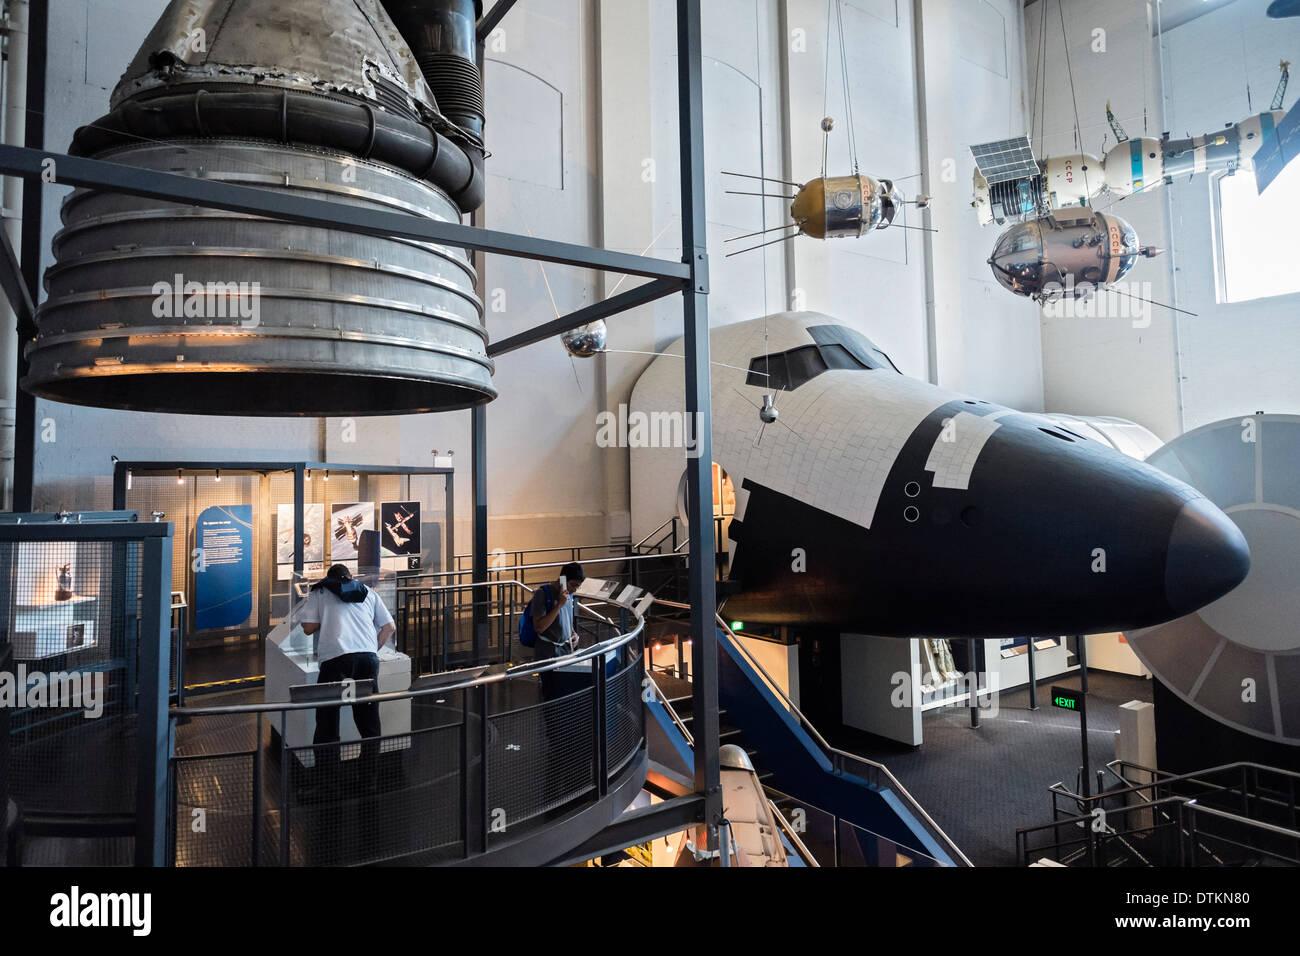 Intérieur du musée des sciences et de la technologie de la centrale à Sydney Australie Photo Stock